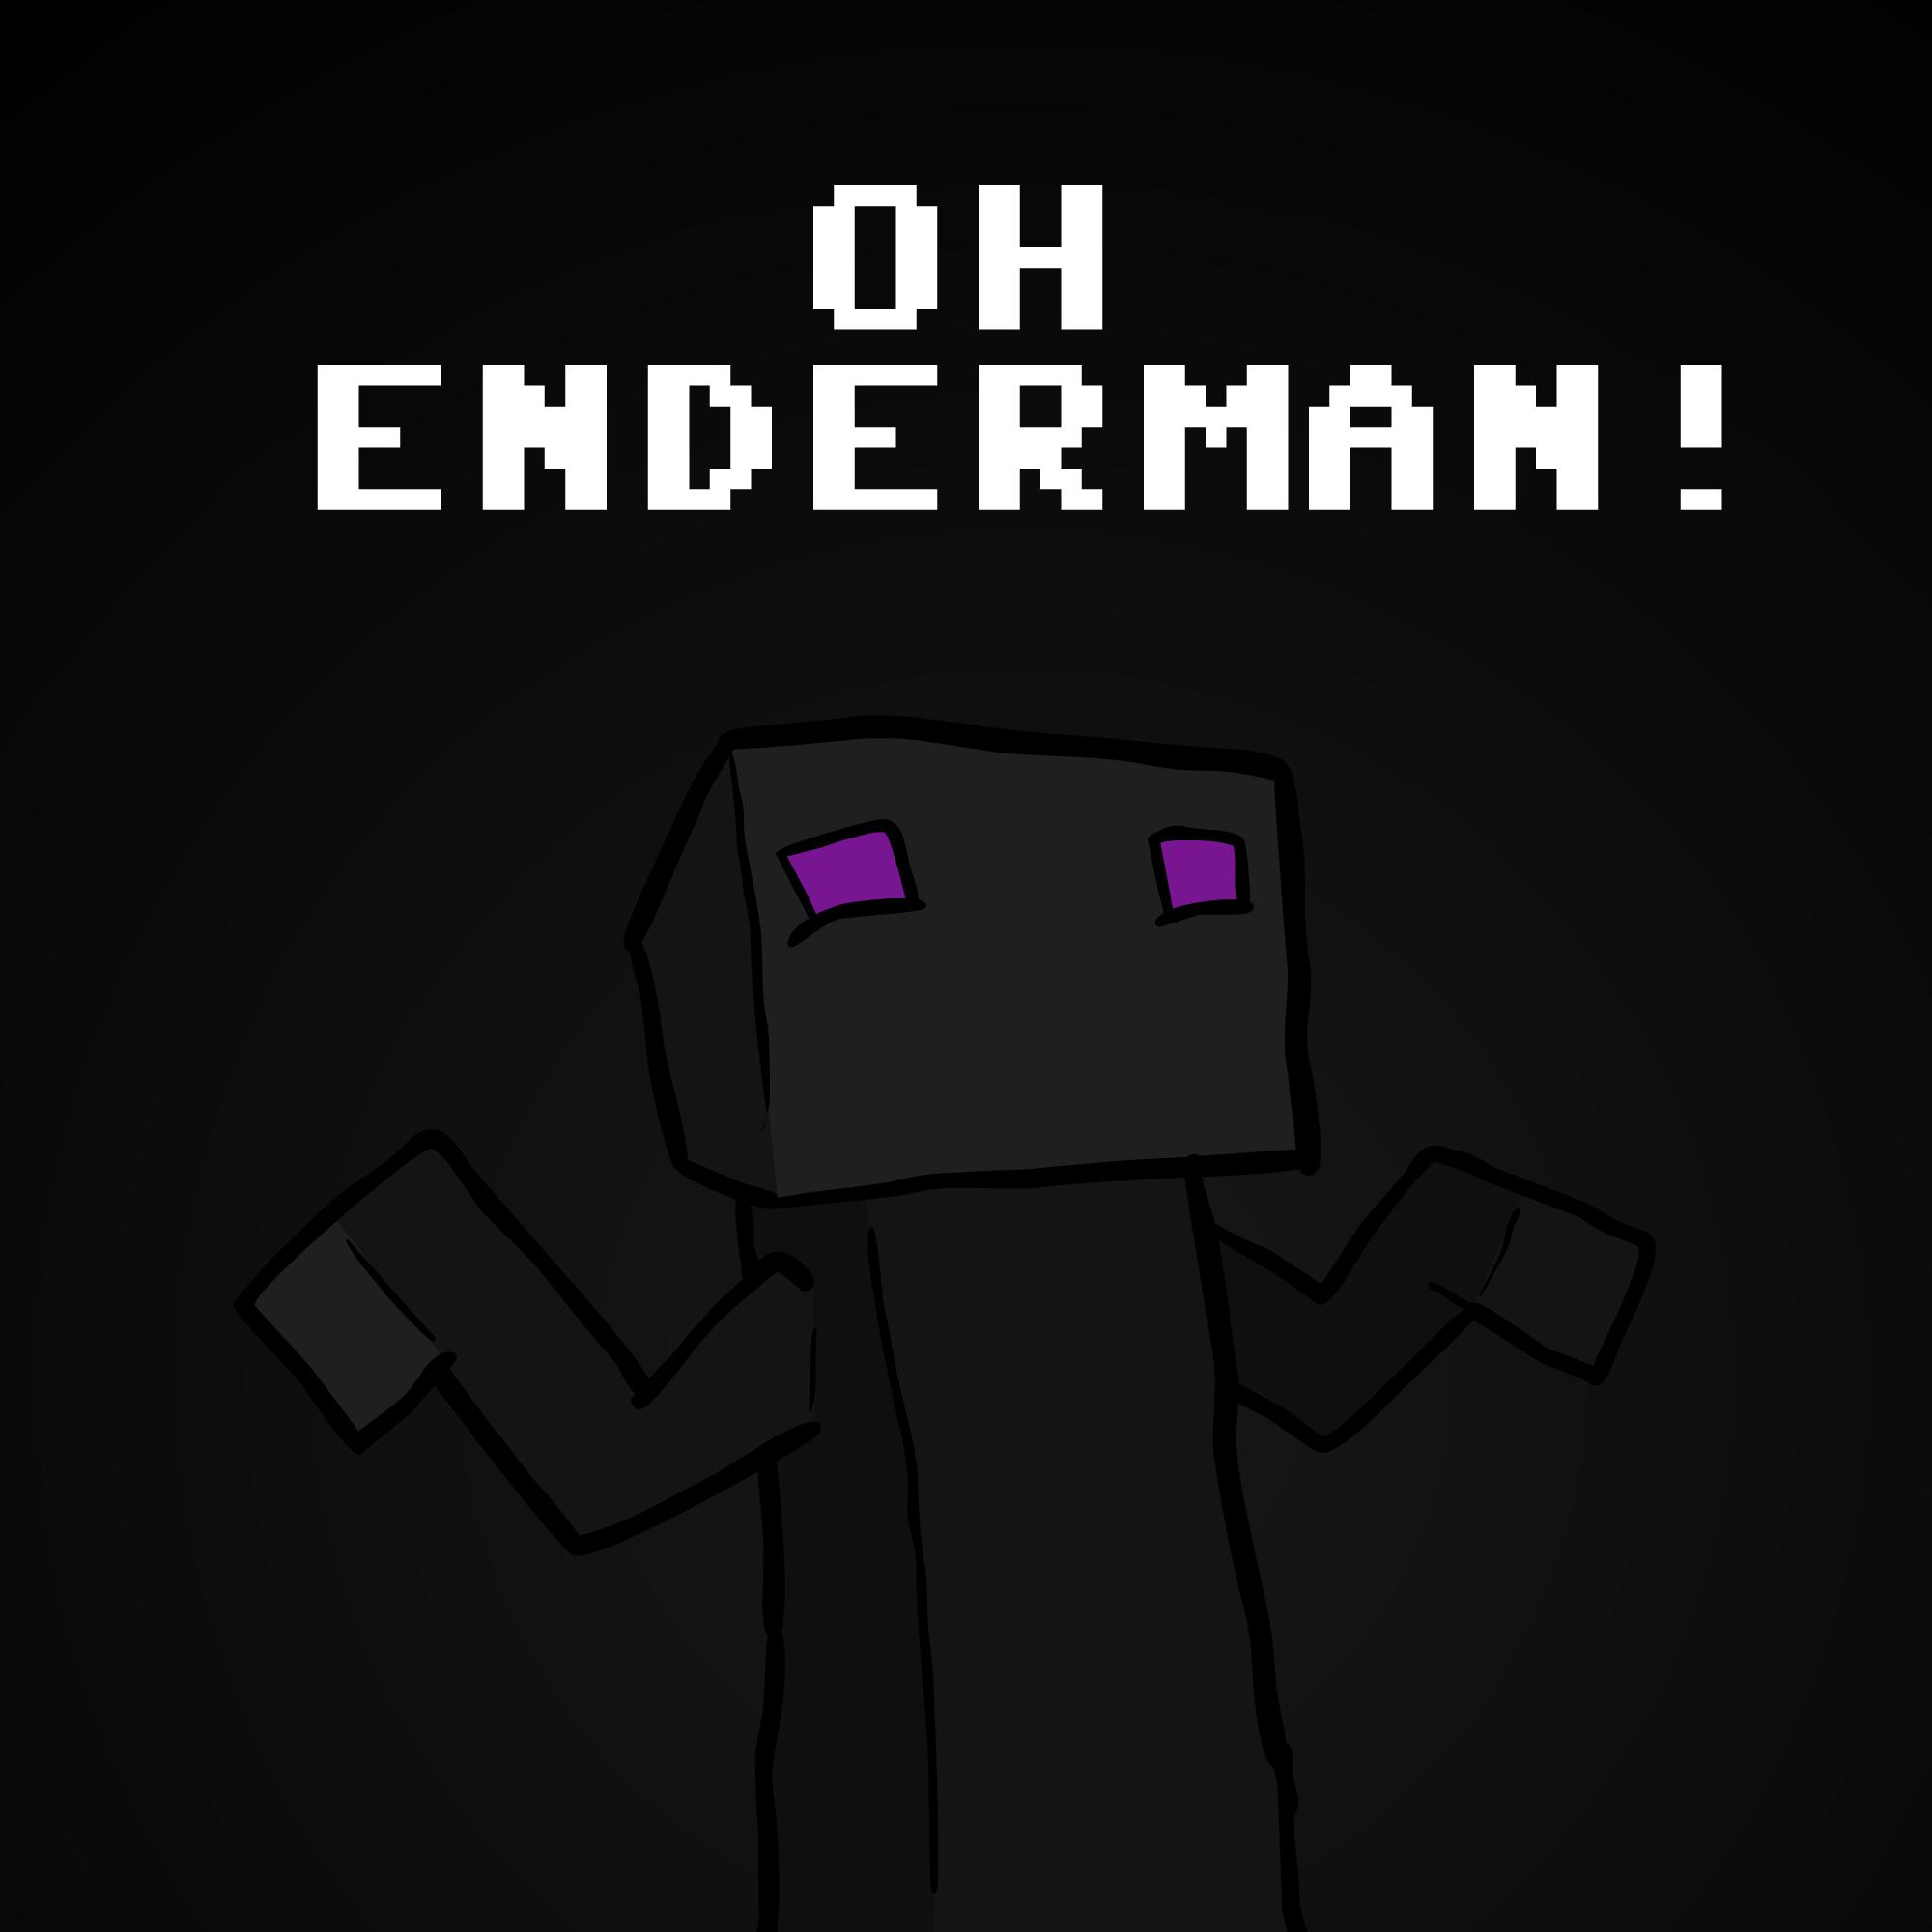 OH ENDERMAN!